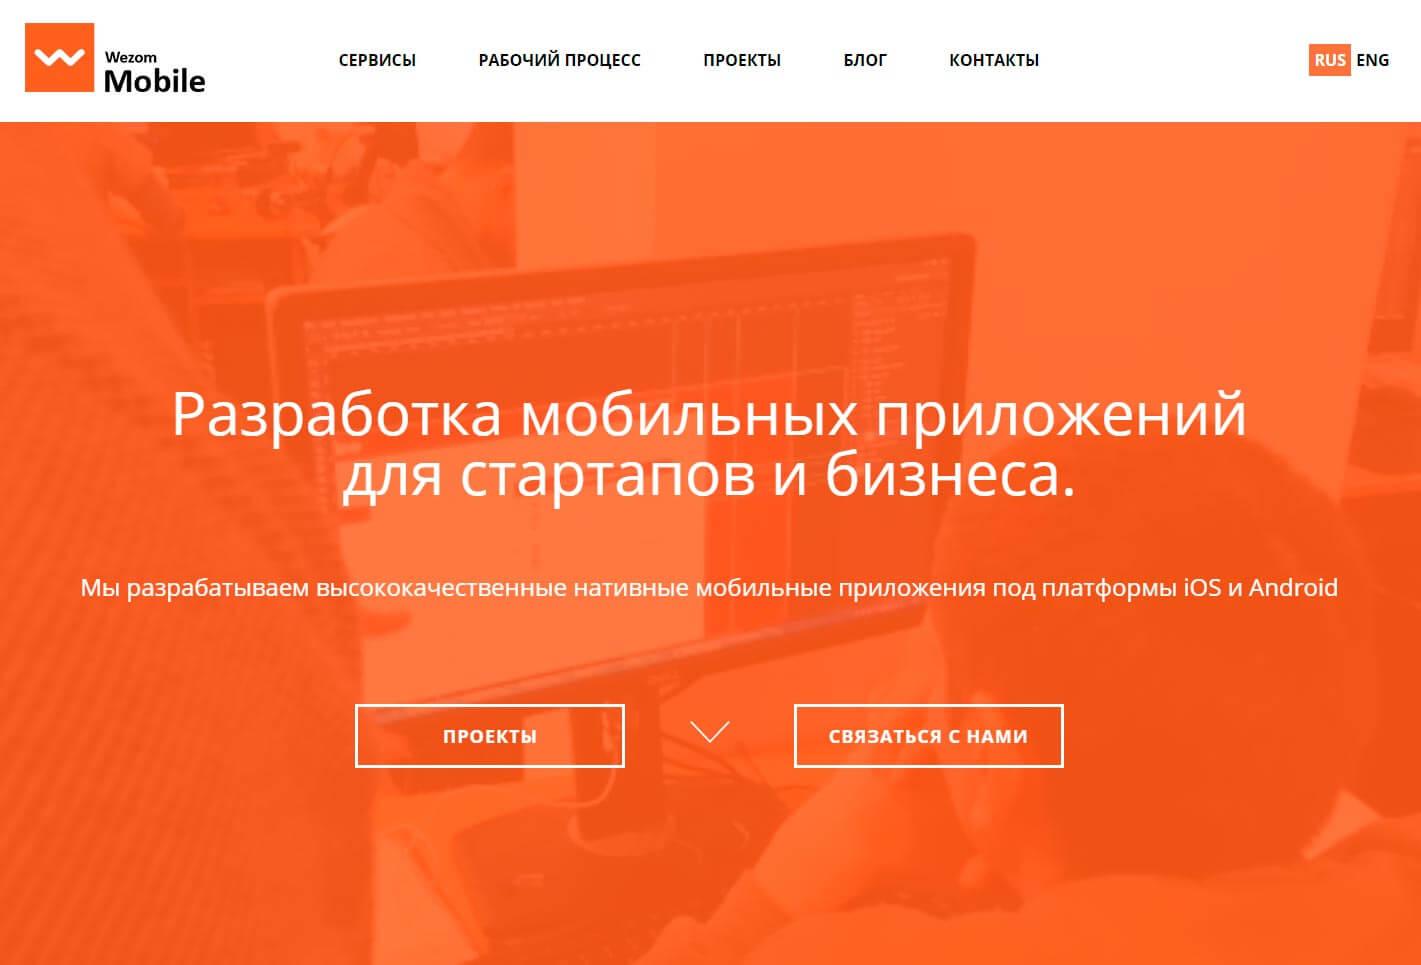 Wezom.Mobile - обзор компании, услуги, отзывы, клиенты, Фото № 1 - google-seo.pro